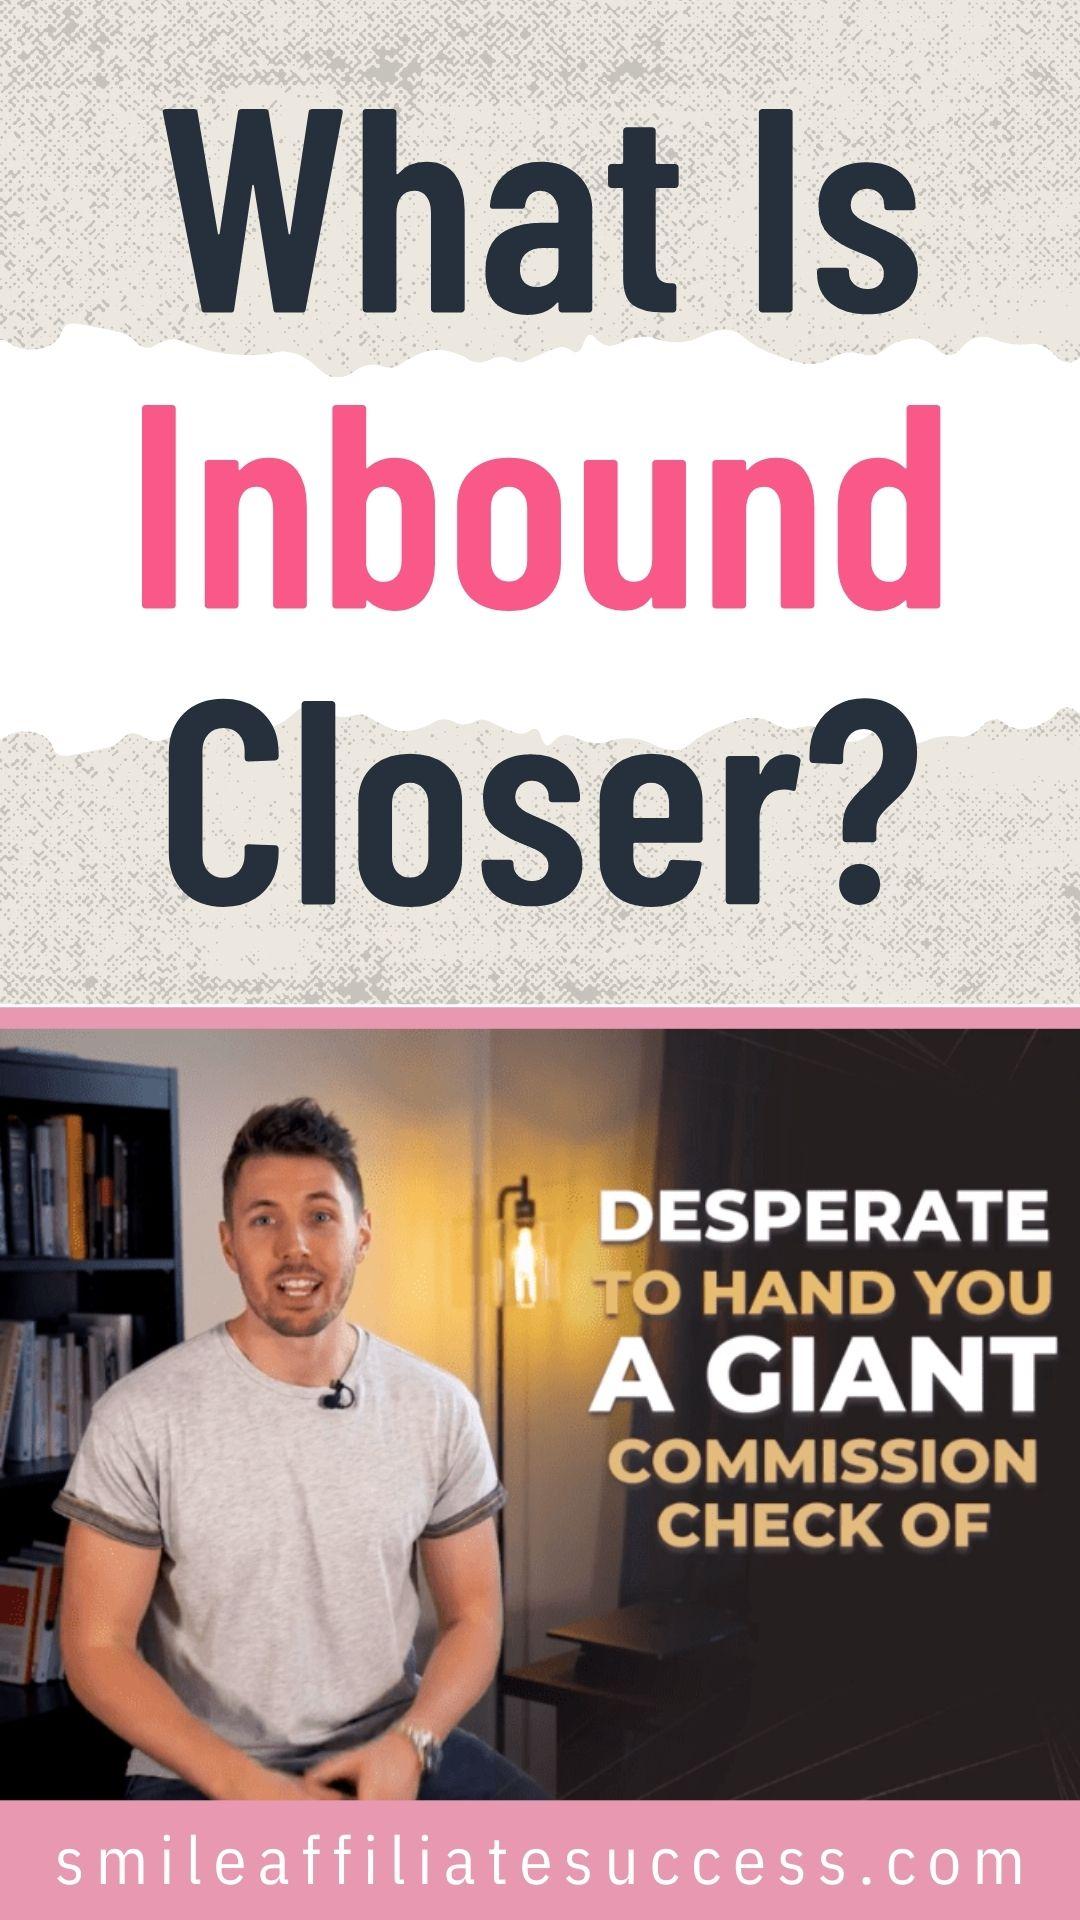 What Is Inbound Closer?